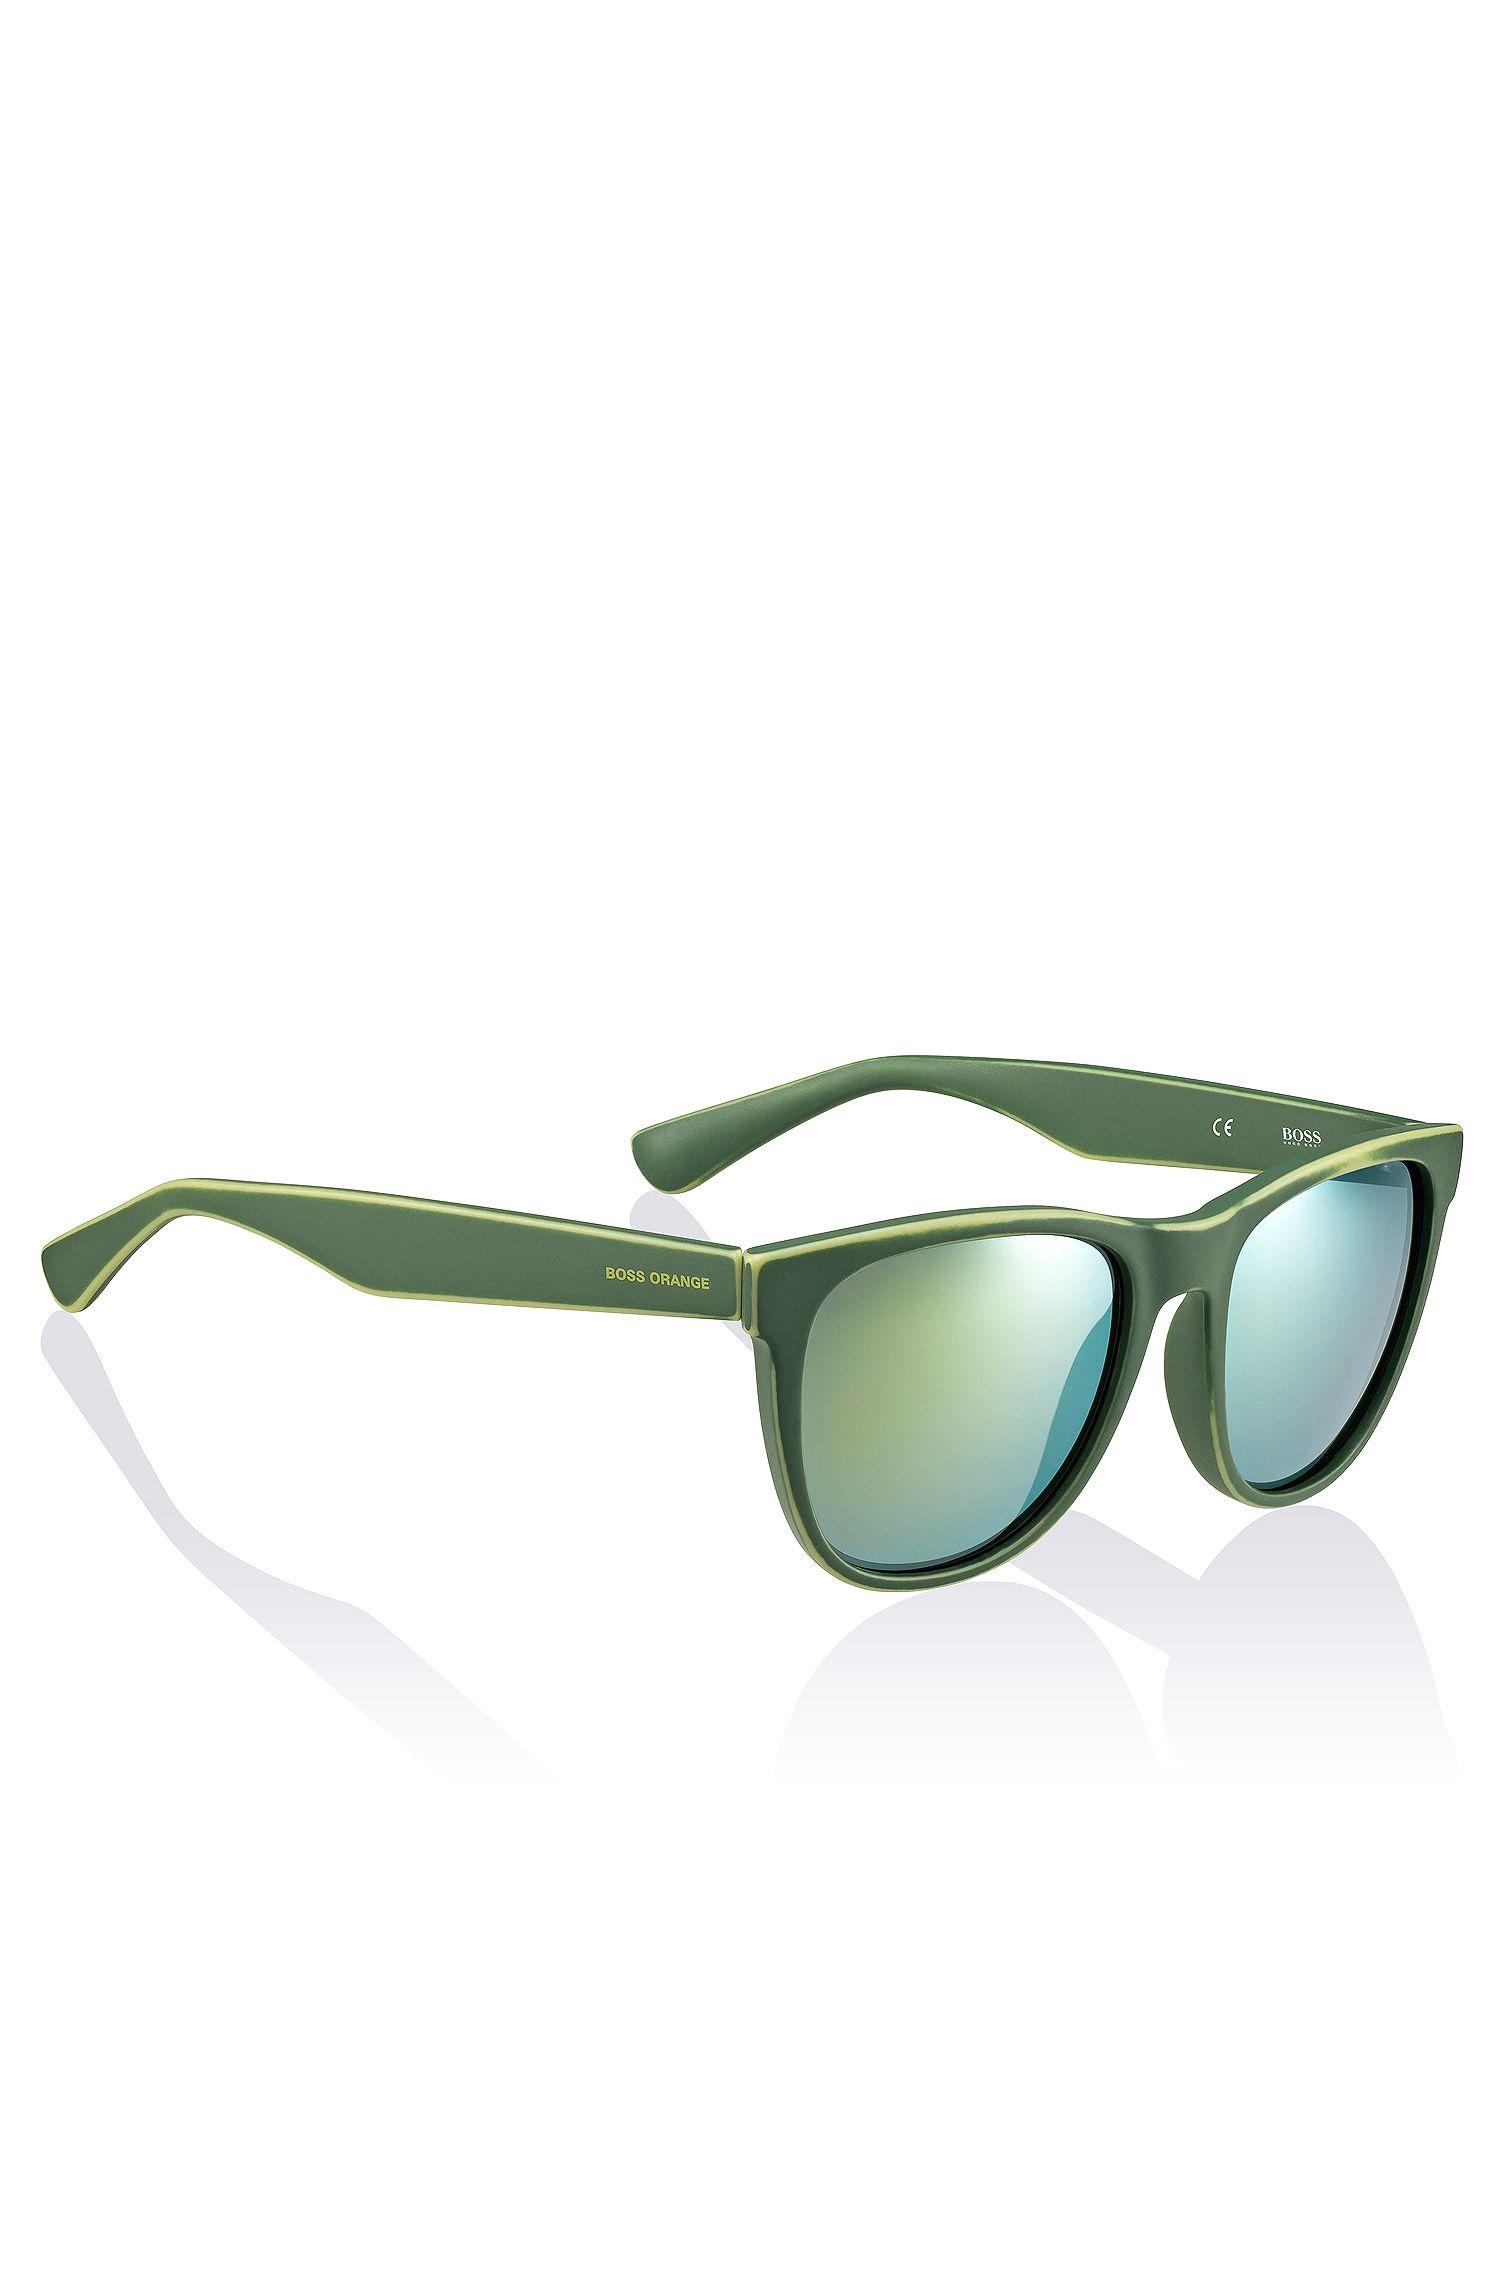 Wayfarer sunglasses 'BO 0198' in acetate